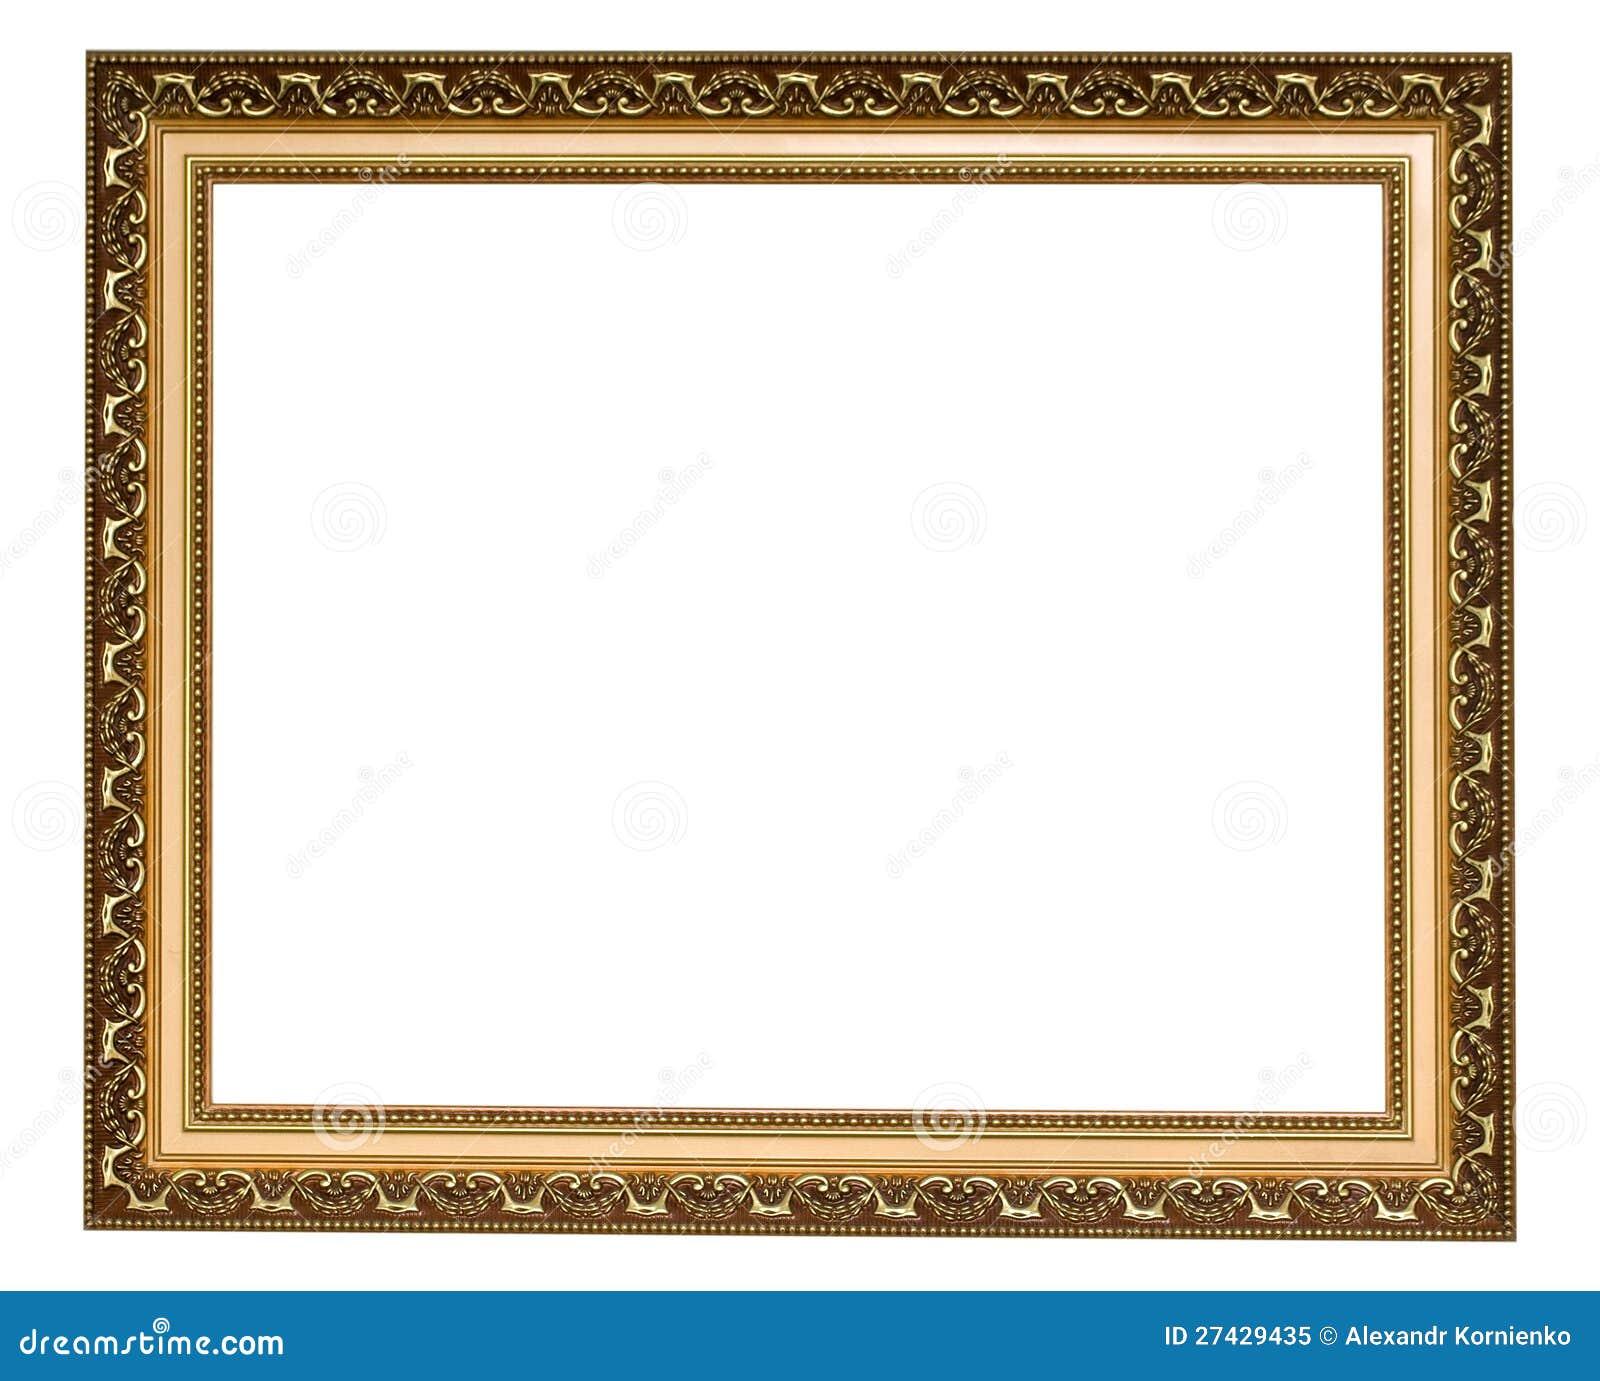 Gold antique frame stock image Image of border baguette 27429435